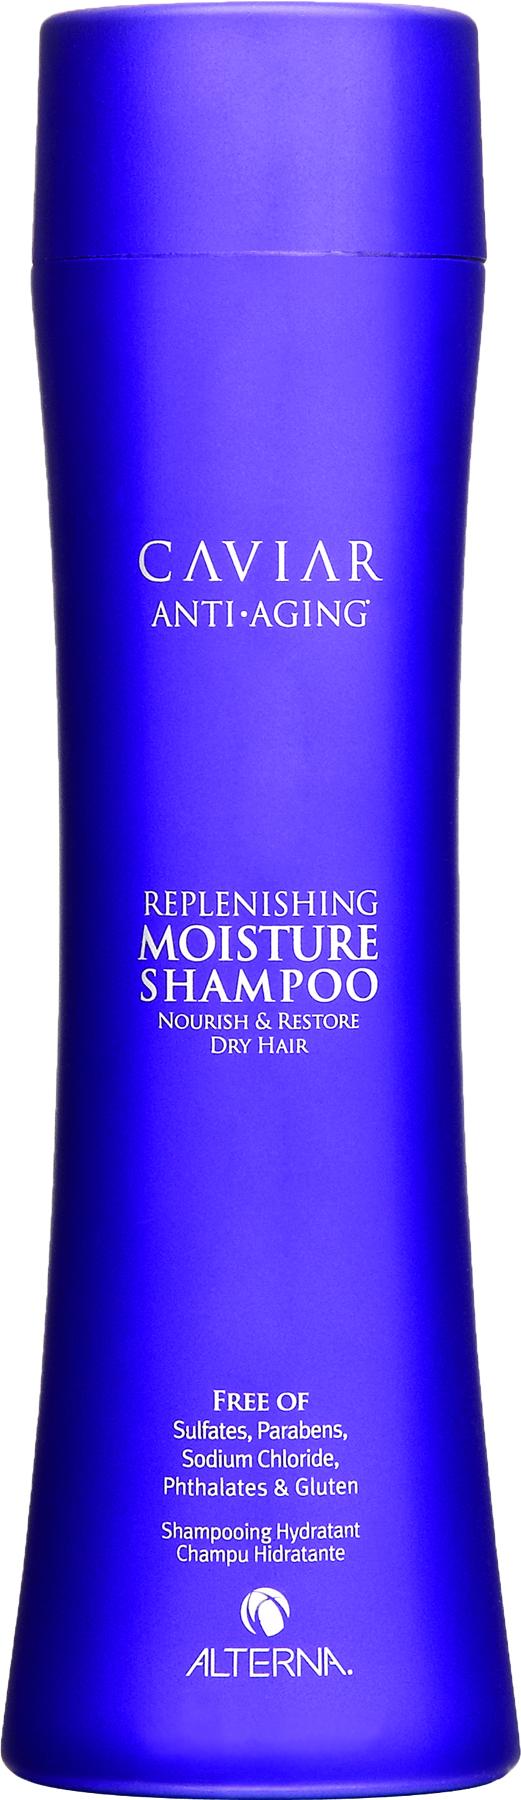 ALTERNA Шампунь увлажняющий с морским шелком / CAVIAR 250млШампуни<br>Активный шампунь на основе запатентованной формулы Caviar anti-aging seasilk способствует мягкому очищению и насыщению волос влагой. Улучшает метаболические процессы эпидермиса, питает, увлажняет волосяные фолликулы, повышая защитную функцию кожи головы. Возвращает волосам насыщенный блеск, защищает и сохраняет стойкость цвета. При этом регулирует и поддерживает оптимальный уровень влаги. Активные ингредиенты: энзимотерапевтический комплекс, Age-Control Complex  комплекс против старения волос, комплекс фиксации цвета, Seasilk/ Морской шелк, активные питательные вещества (коктейль из экстракта черной икры, морских водорослей, антиоксидантов, микро- и макроэлементов). Способ применения: нанесите Увлажняющий шампунь с морским шелком на влажные волосы, вспеньте. Выдержите пену на волосах 35 минут. Тщательно смойте водой, при необходимости повторите. Для лучшего результата используйте Увлажняющий кондиционер с морским шелком.<br><br>Вид средства для волос: Увлажняющий<br>Типы волос: Возрастные